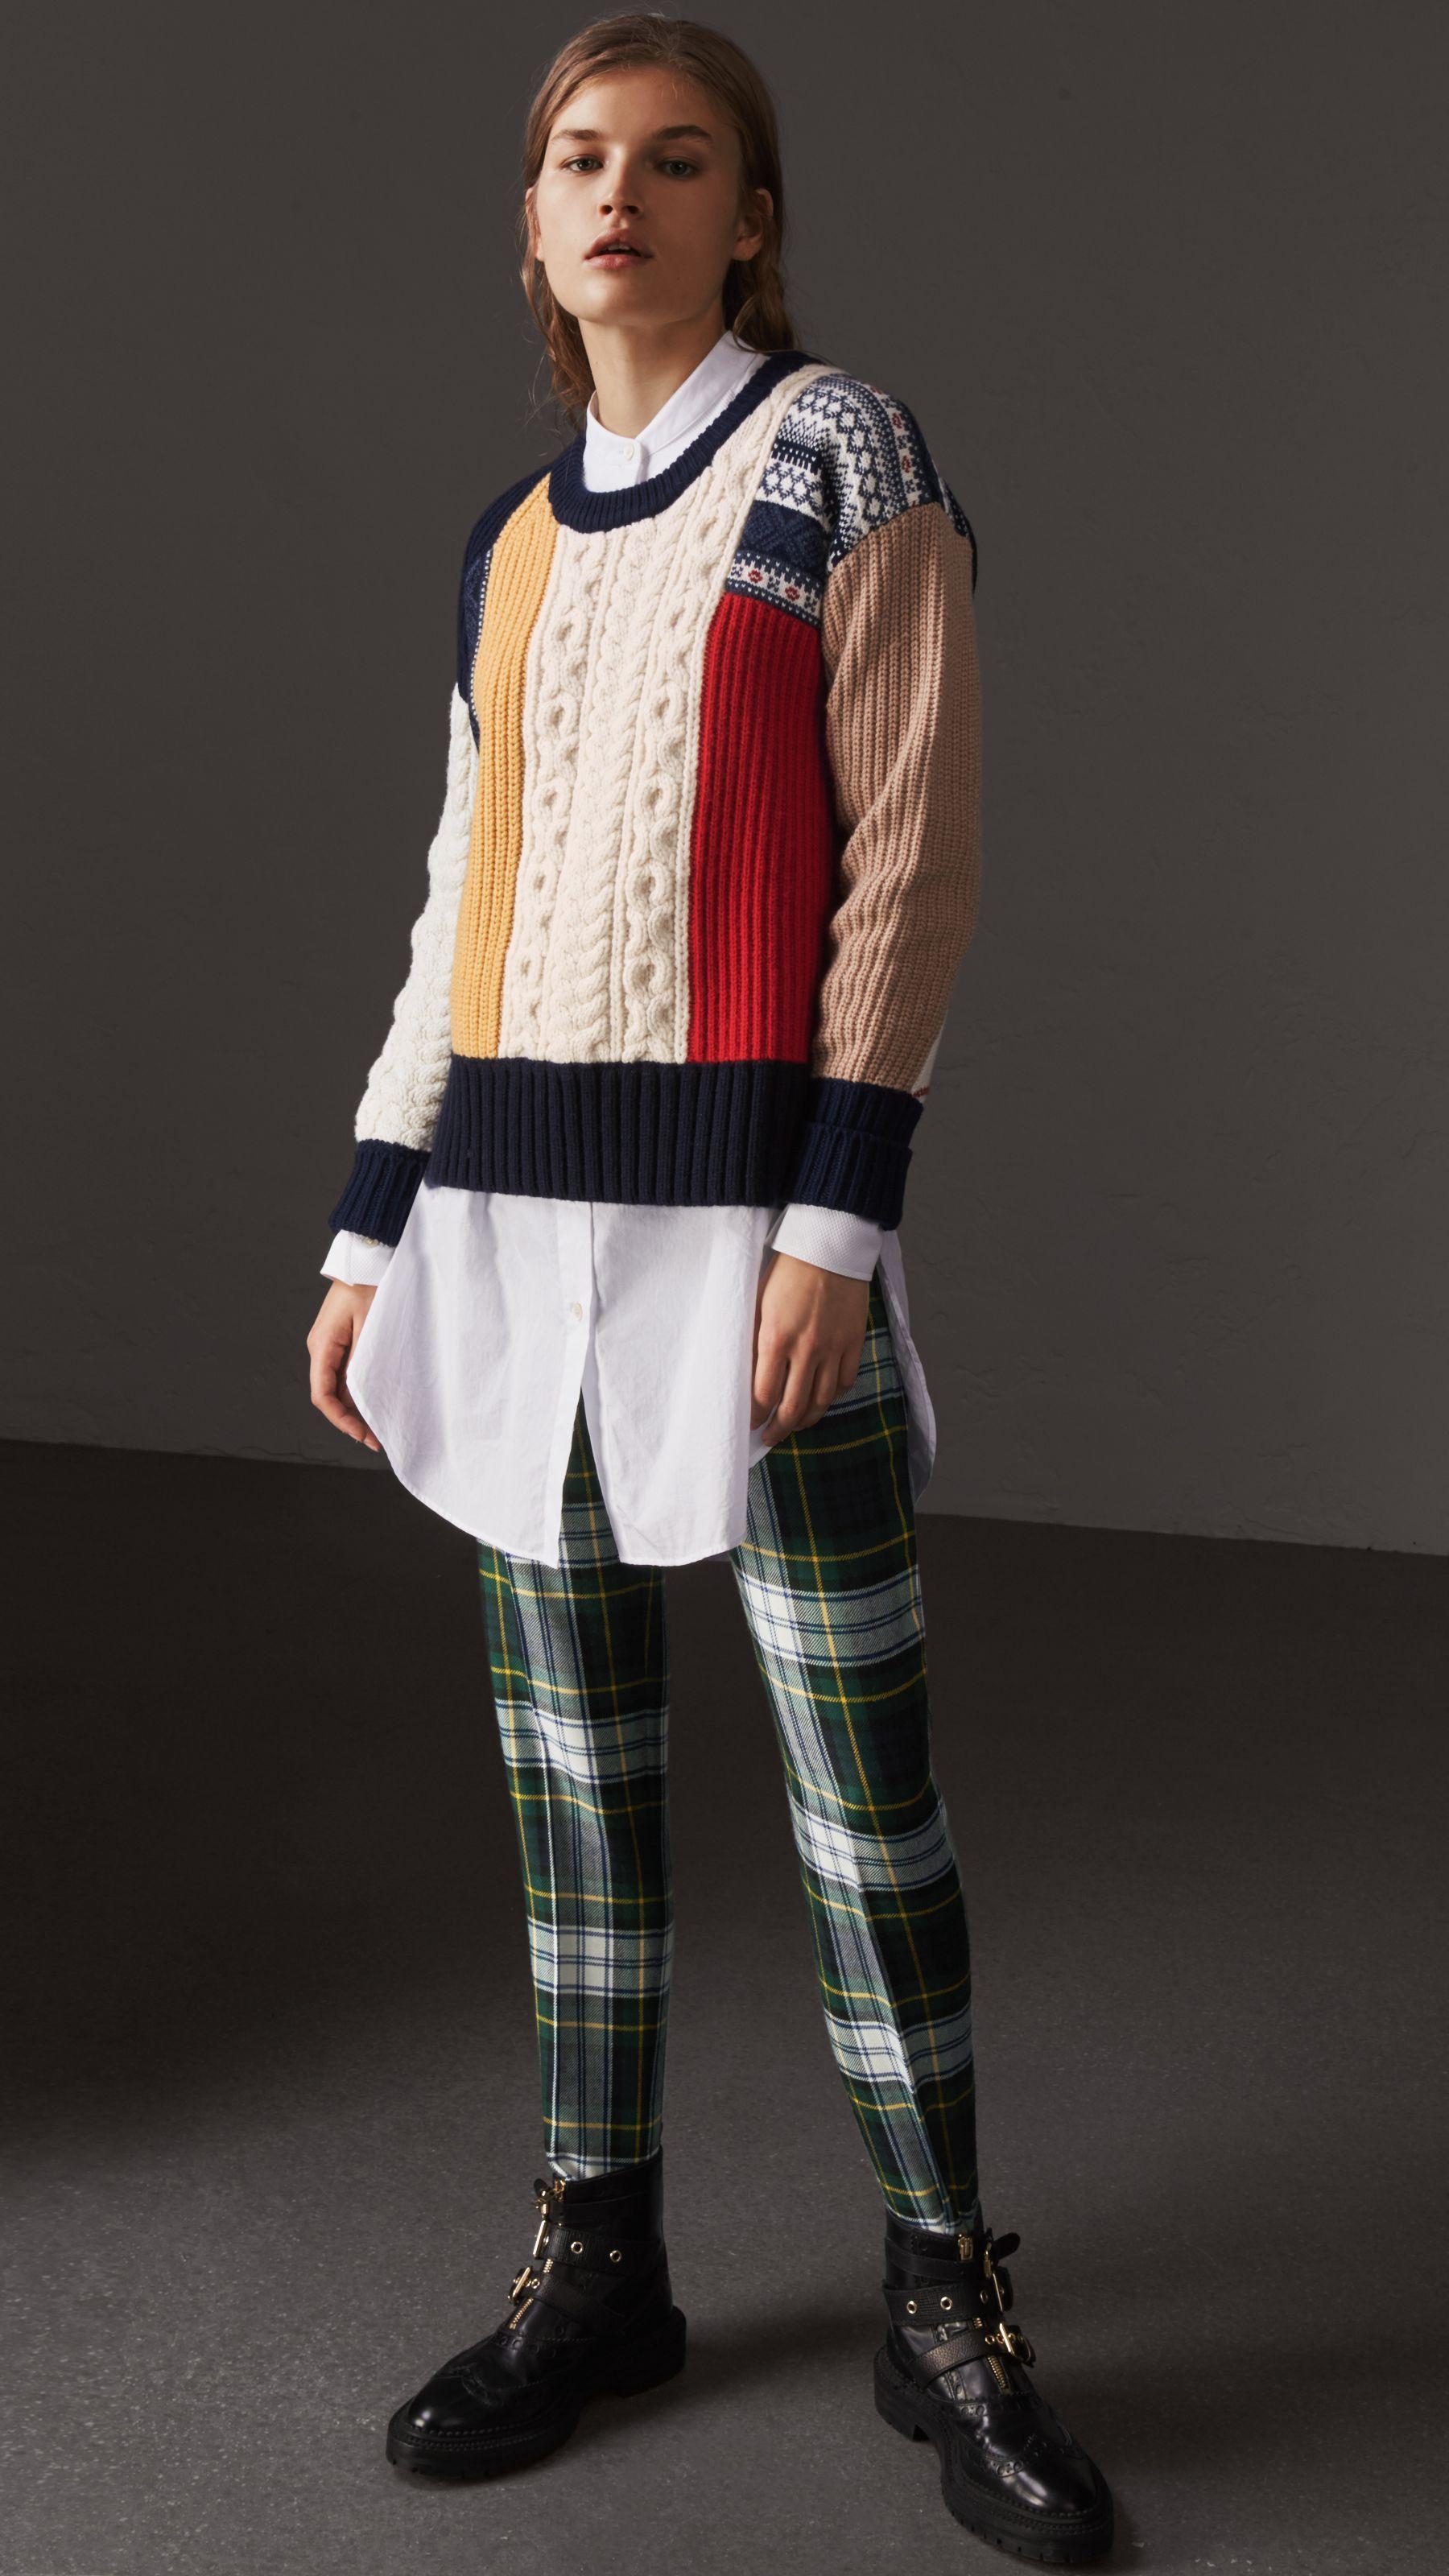 Burberrys одежда веб девушка модель для парня работа